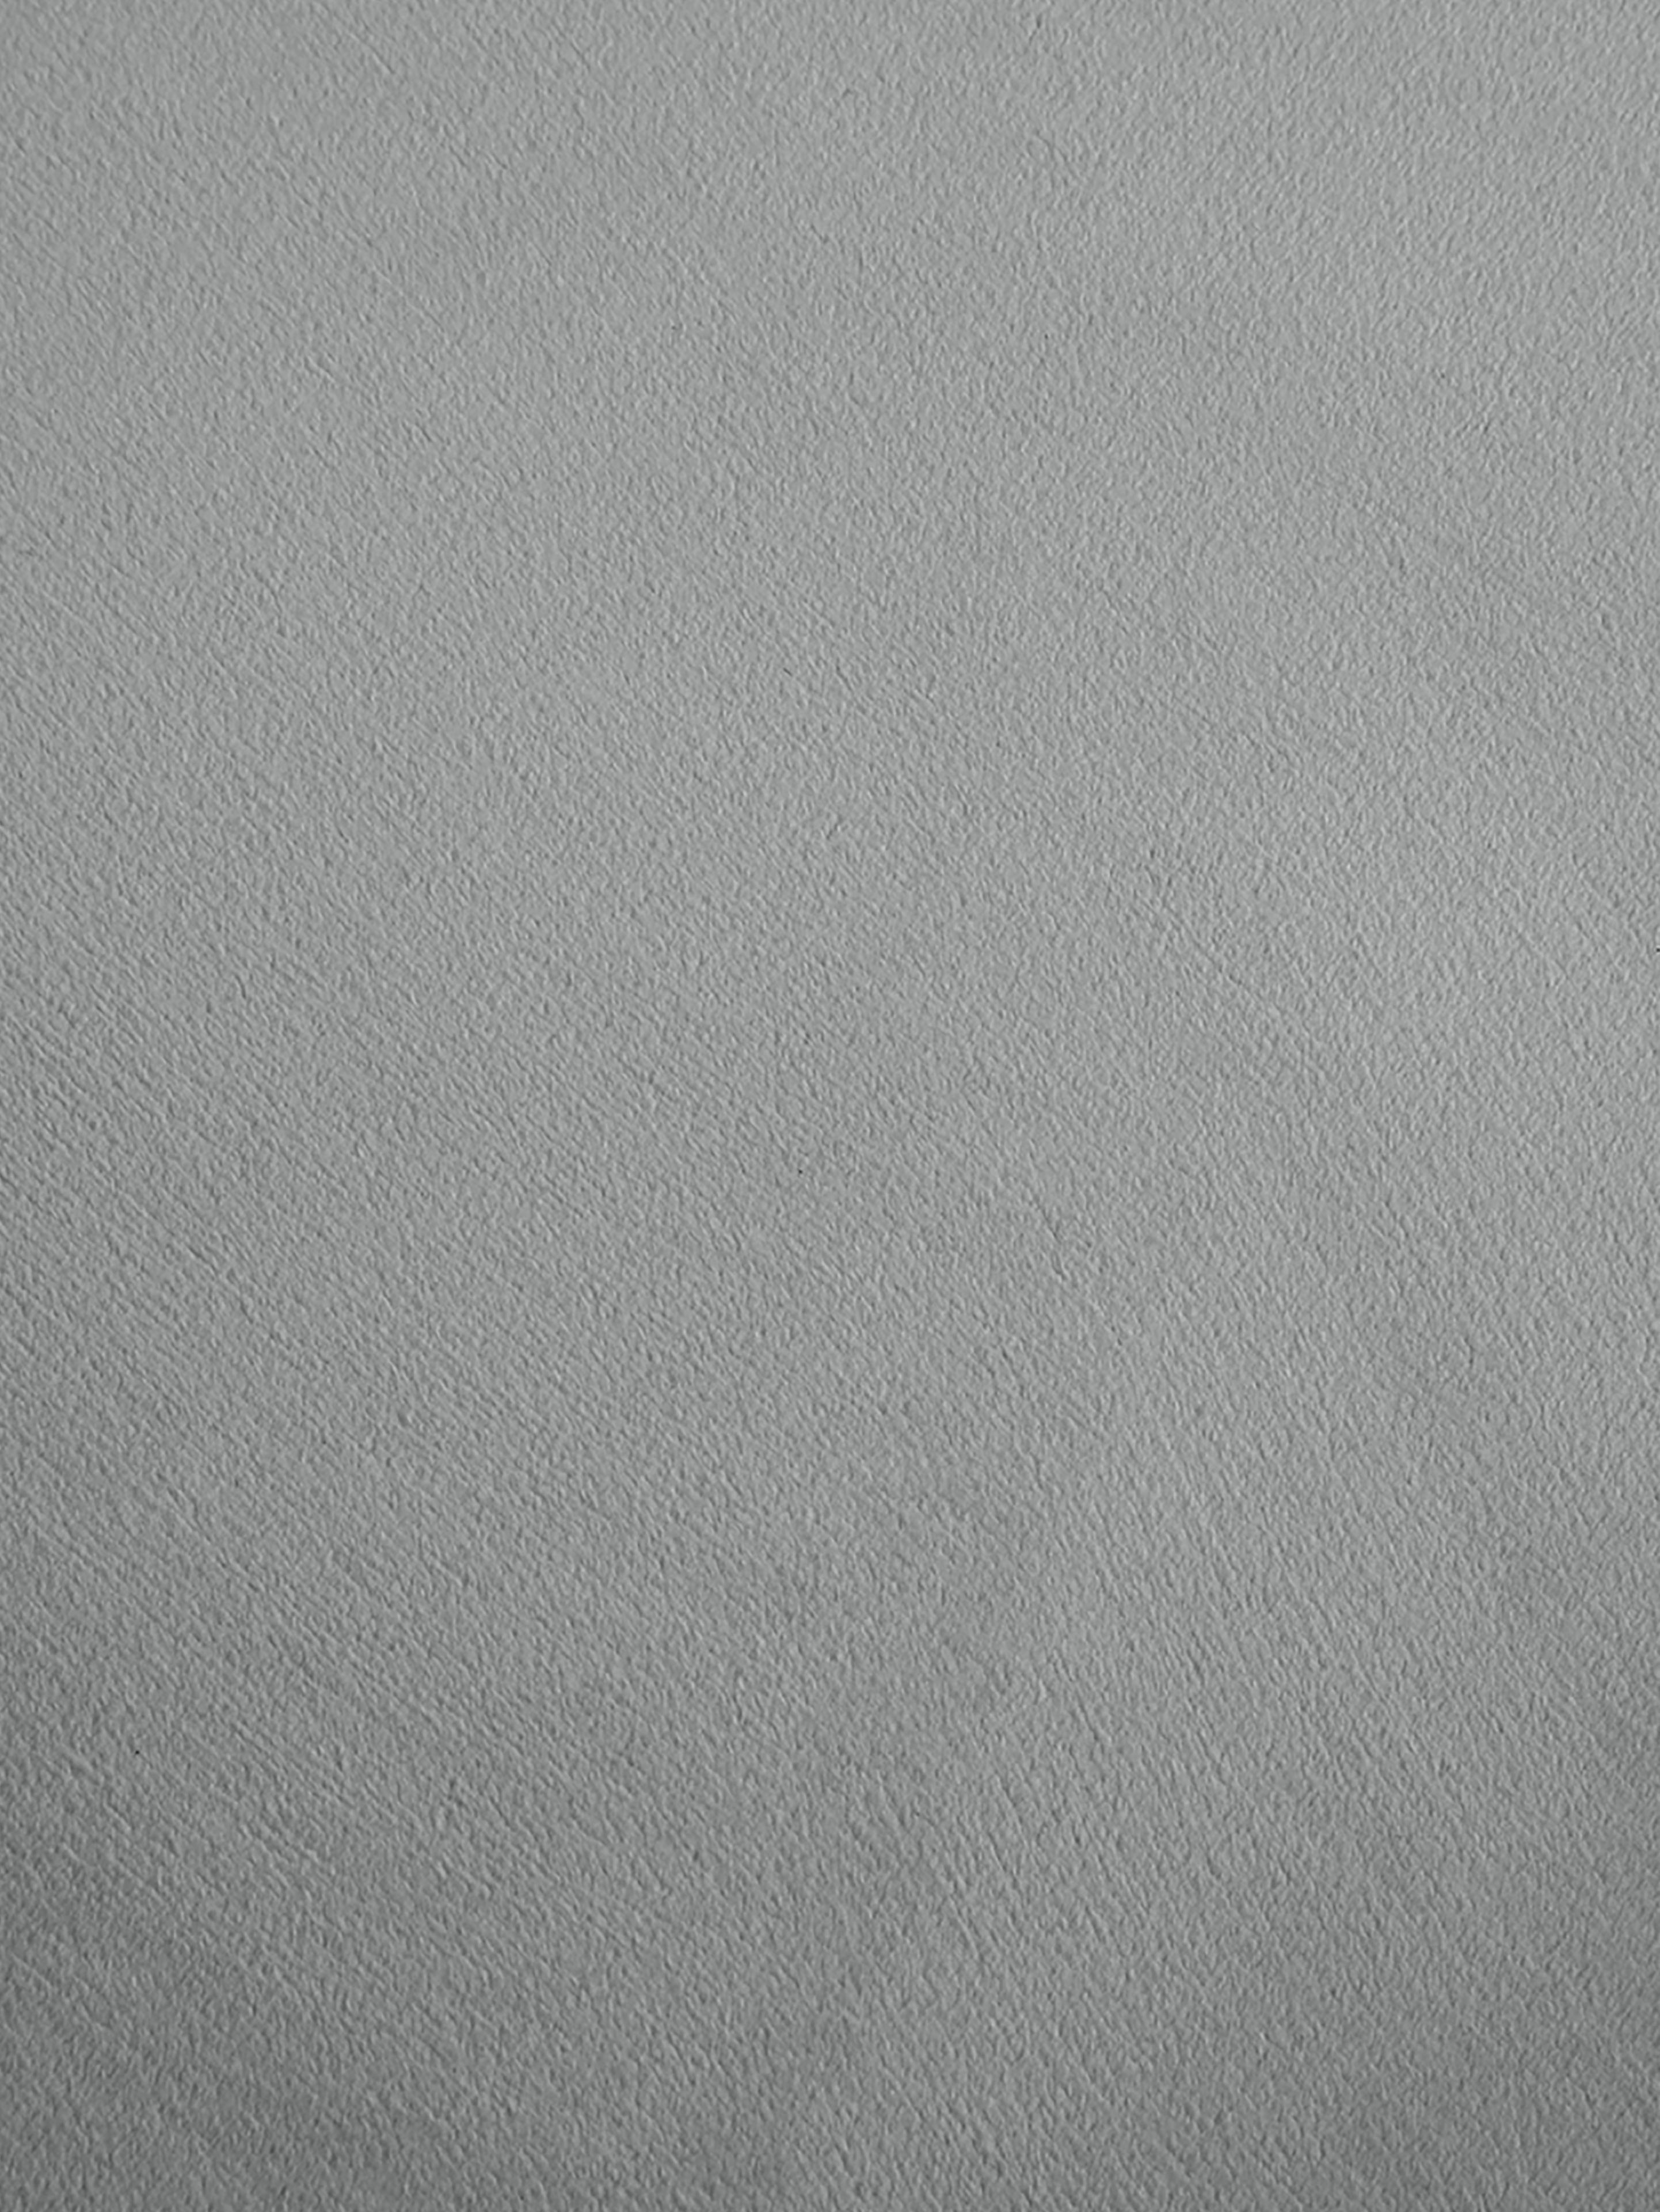 Poltrona in velluto Louise, Rivestimento: velluto (poliestere) 30.0, Piedini: metallo rivestito, Rivestimento: grigio chiaro Piedini: dorato lucido spazzolato, Larg. 76 x Prof. 75 cm